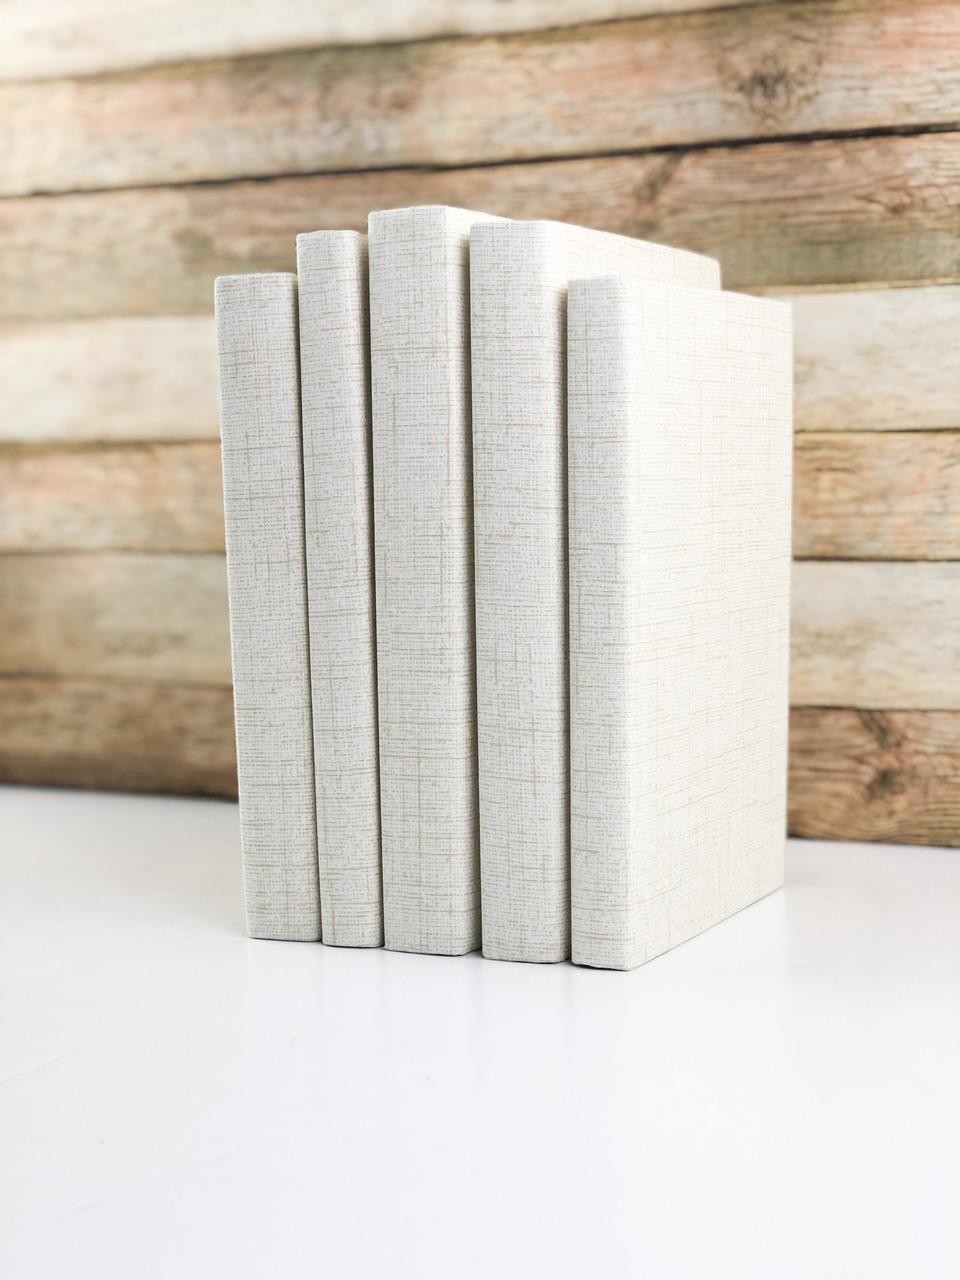 Set of 5 Decorative Books- Textured Cream